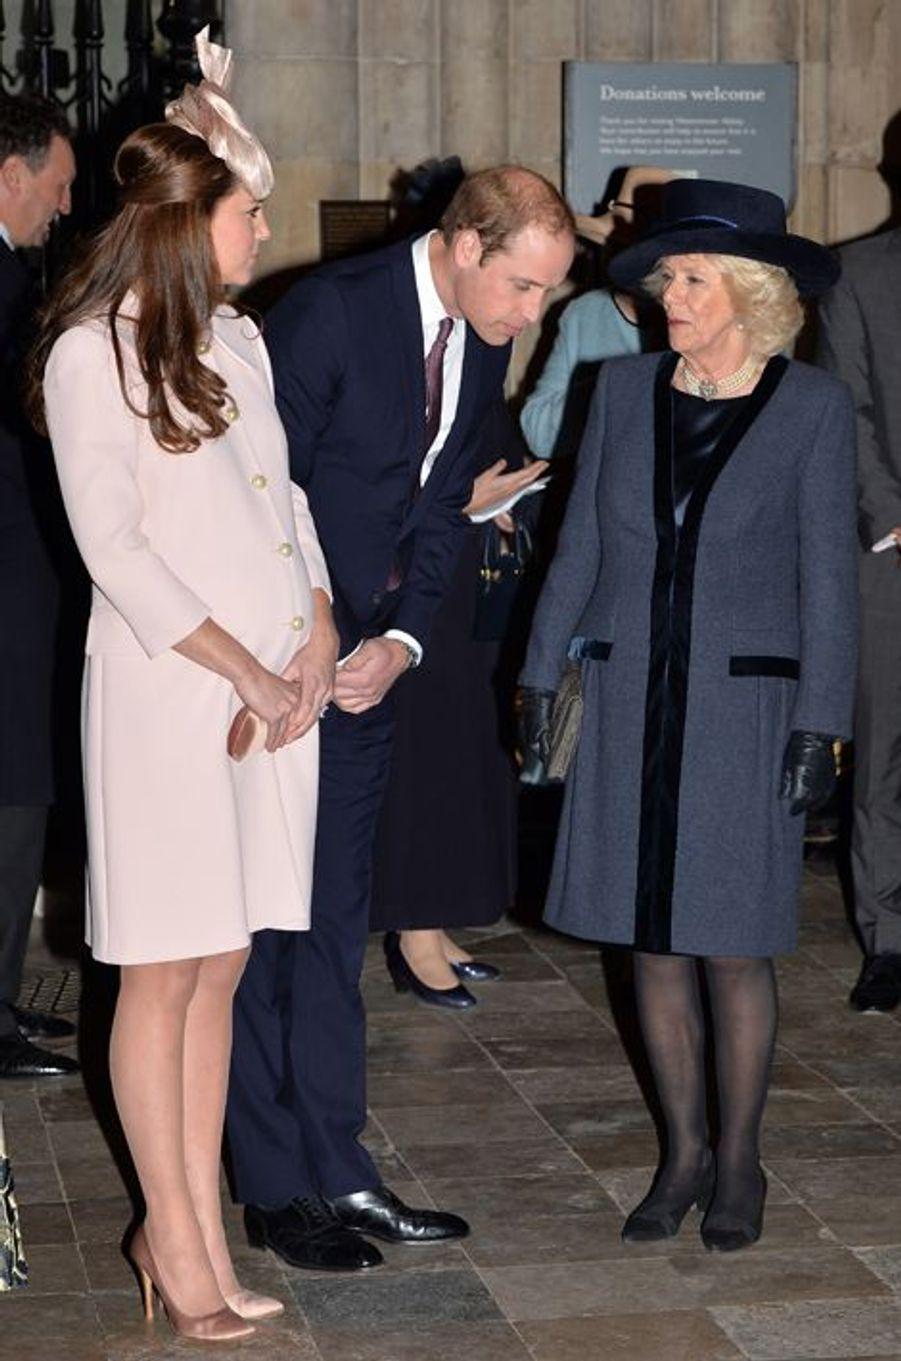 Le prince William, Kate et Camilla Parker-Bowles à l'abbaye de Westminster à Londres, le 9 mars 2015